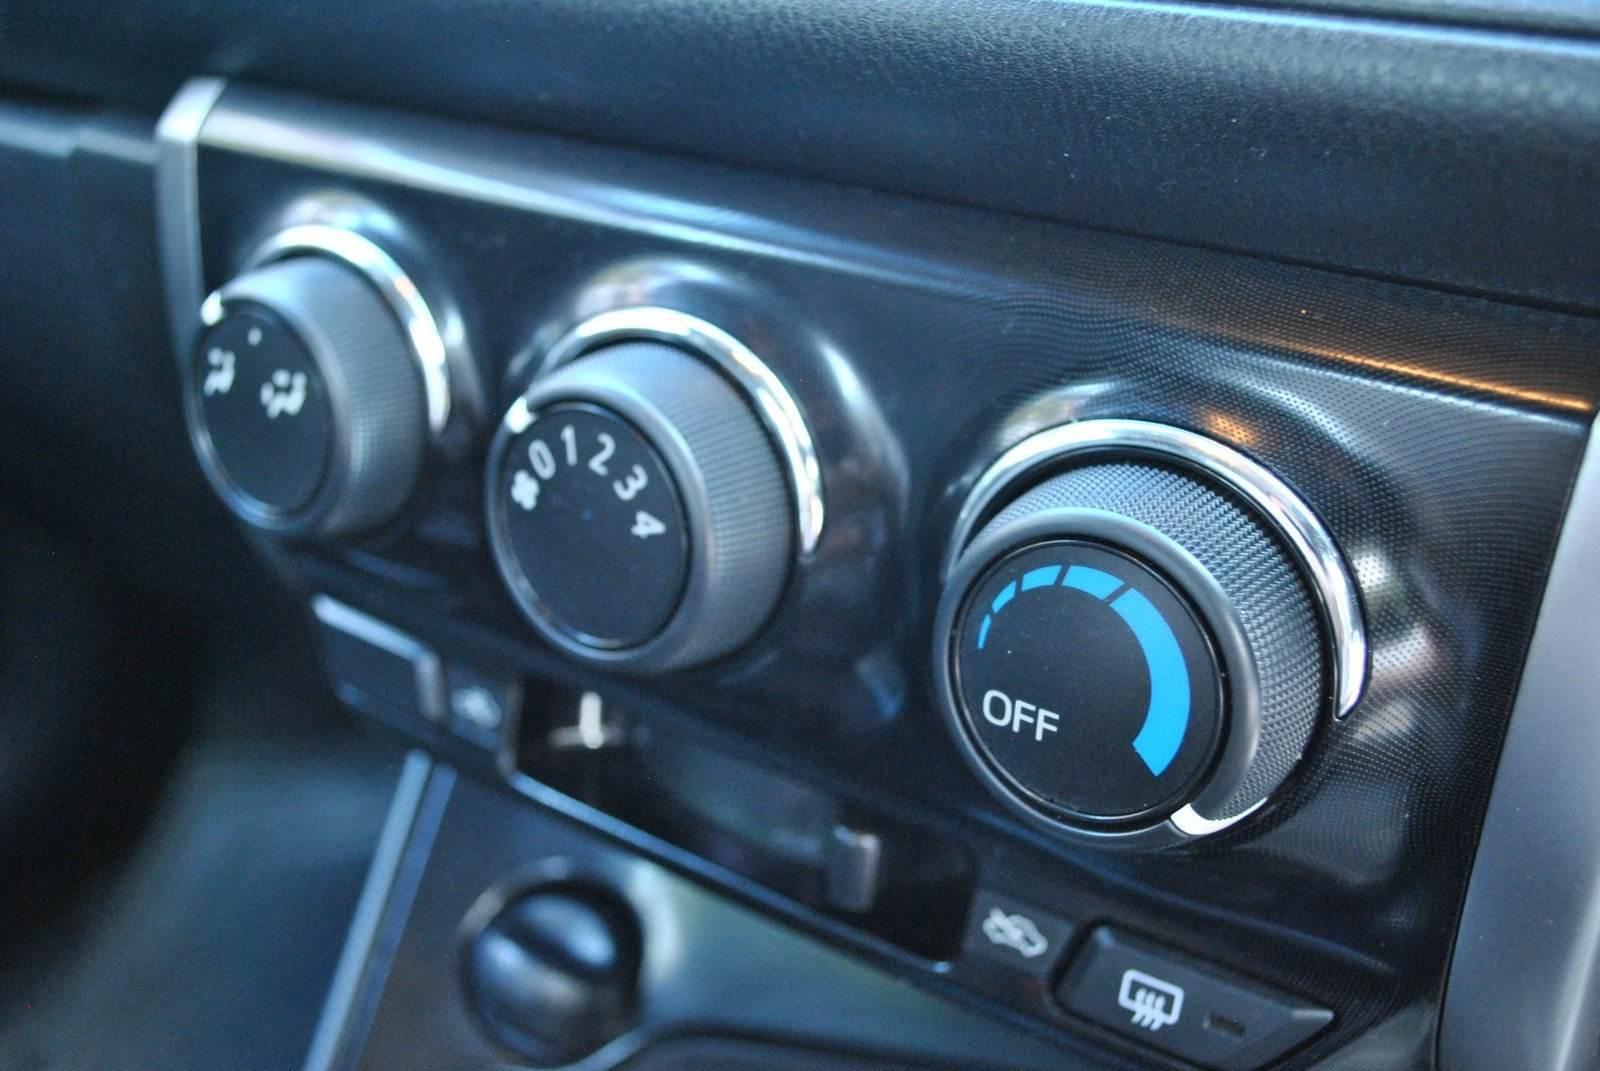 Ca în toate țările calde, mașinile nu au nevoie de sistem de încălzire. AC-ul e tot timpul pornit, neexistând buton On/Off